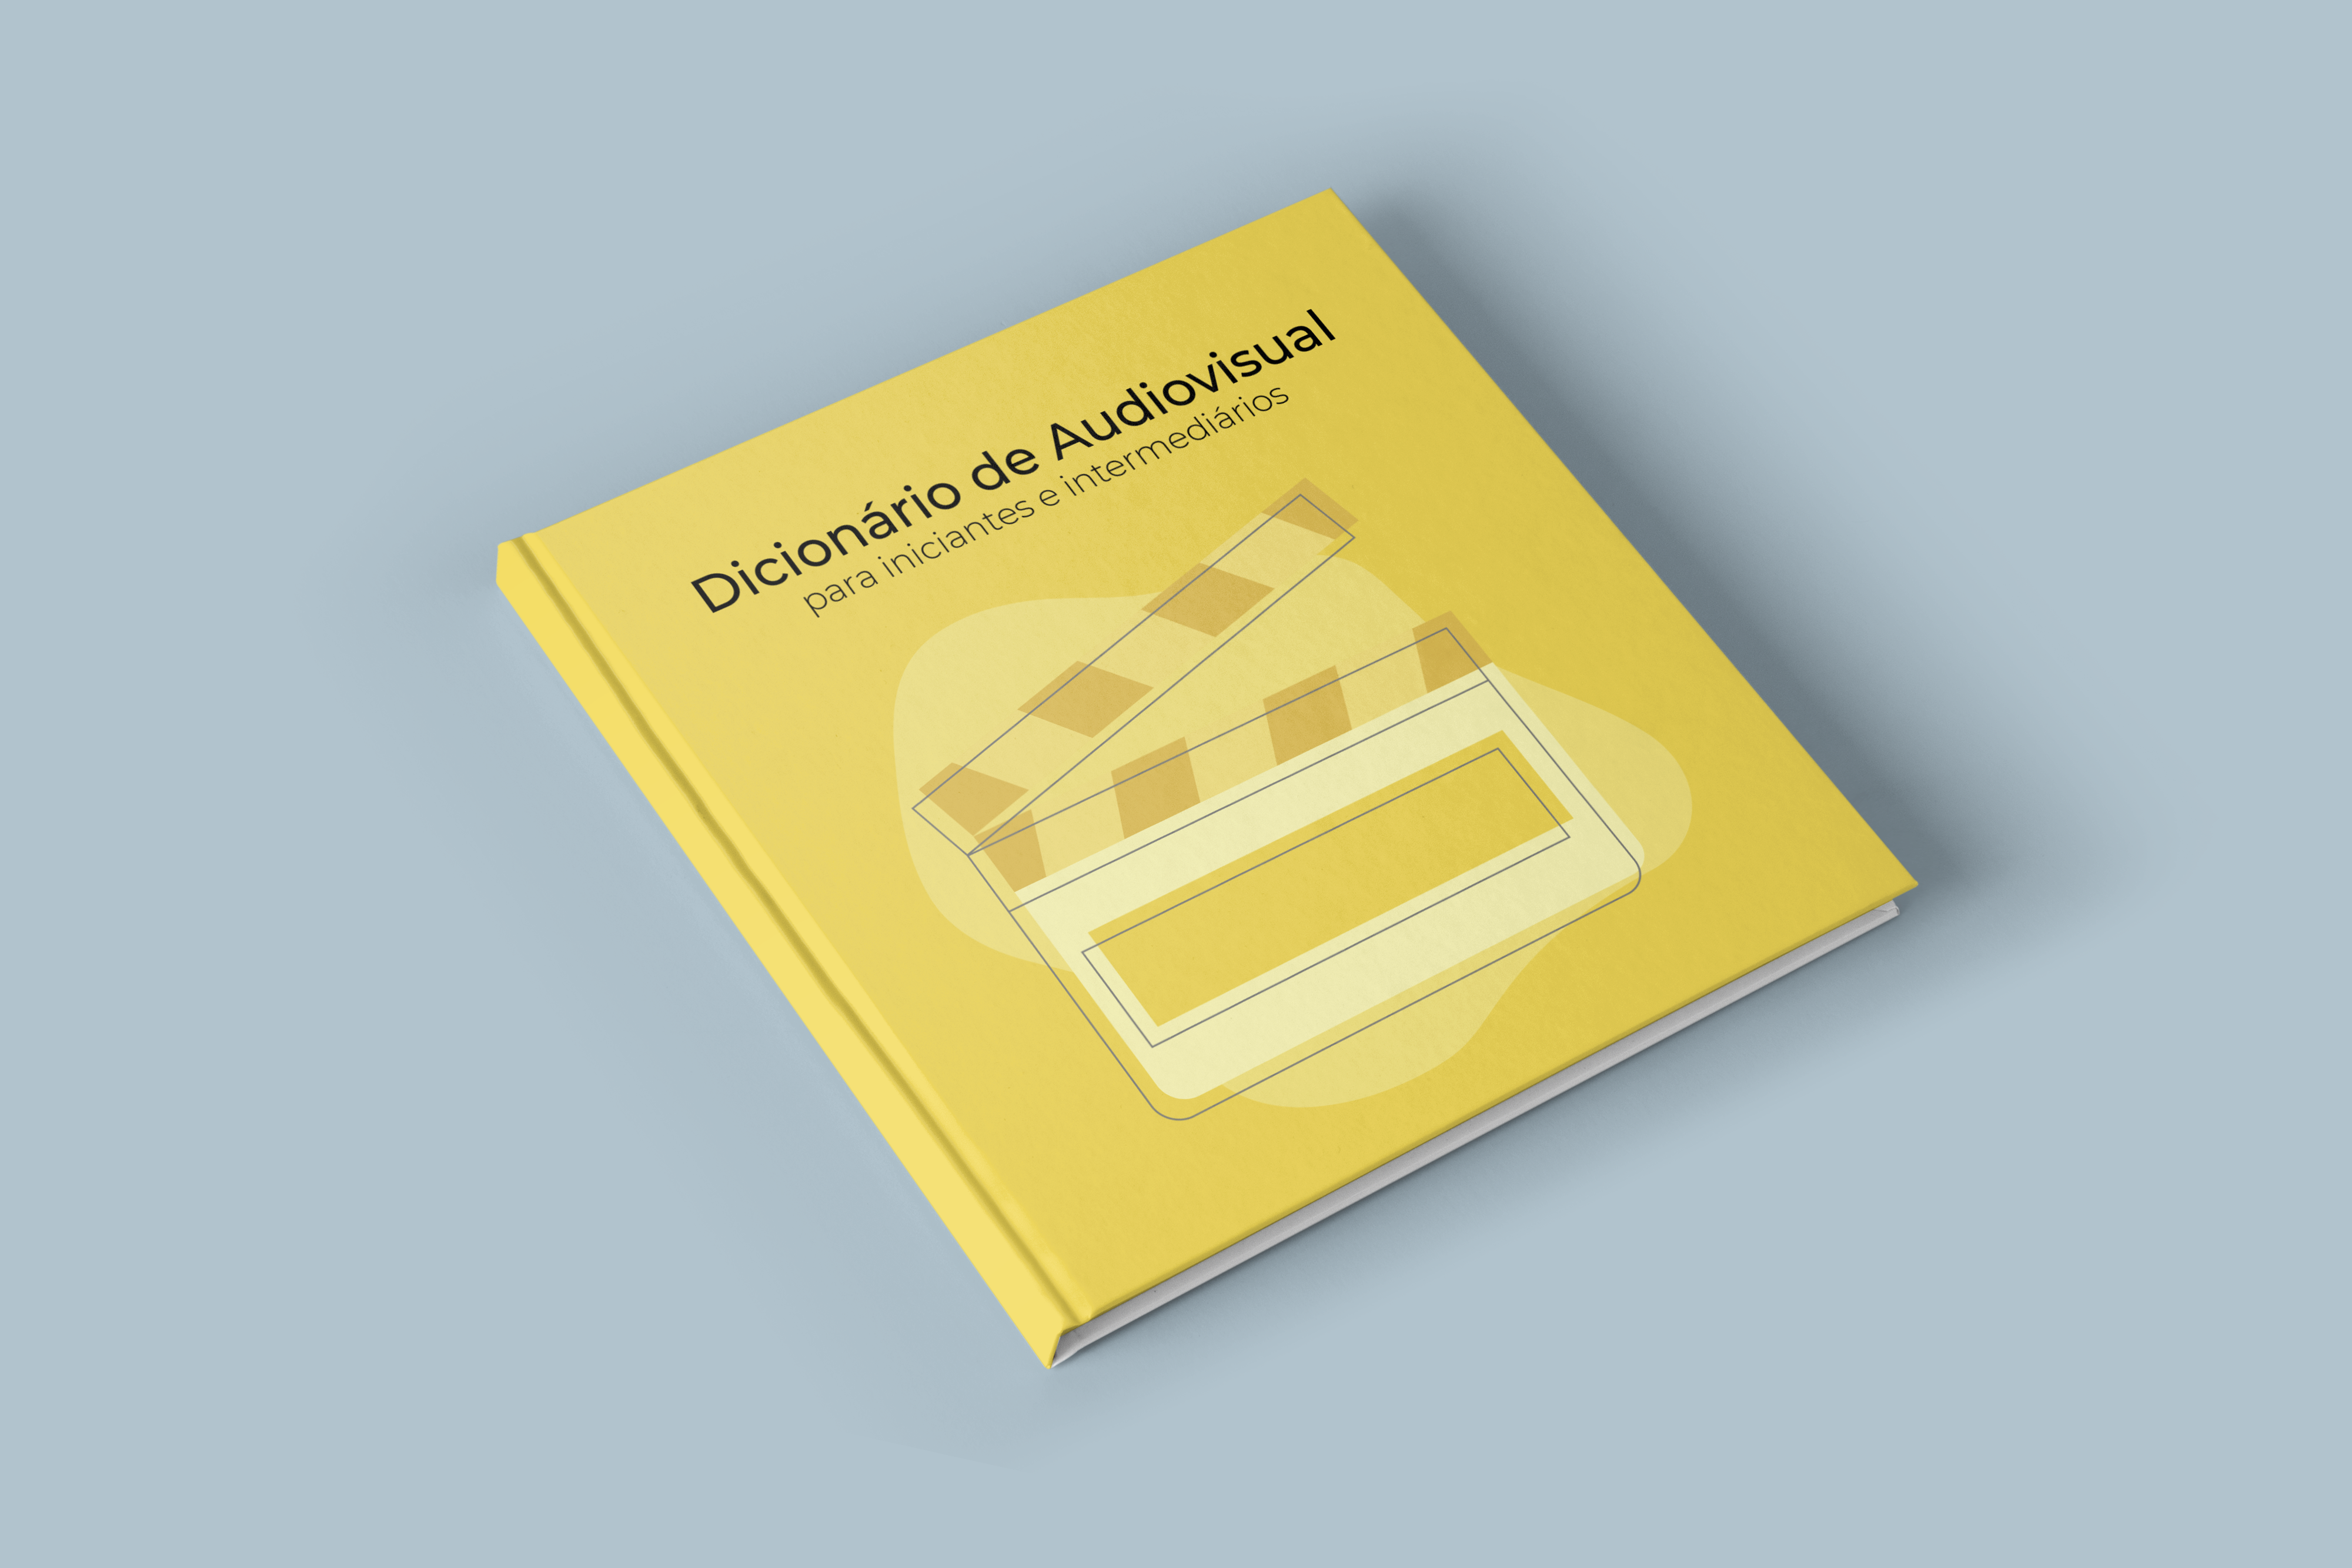 Dicionário de Audiovisual - Baixe Grátis